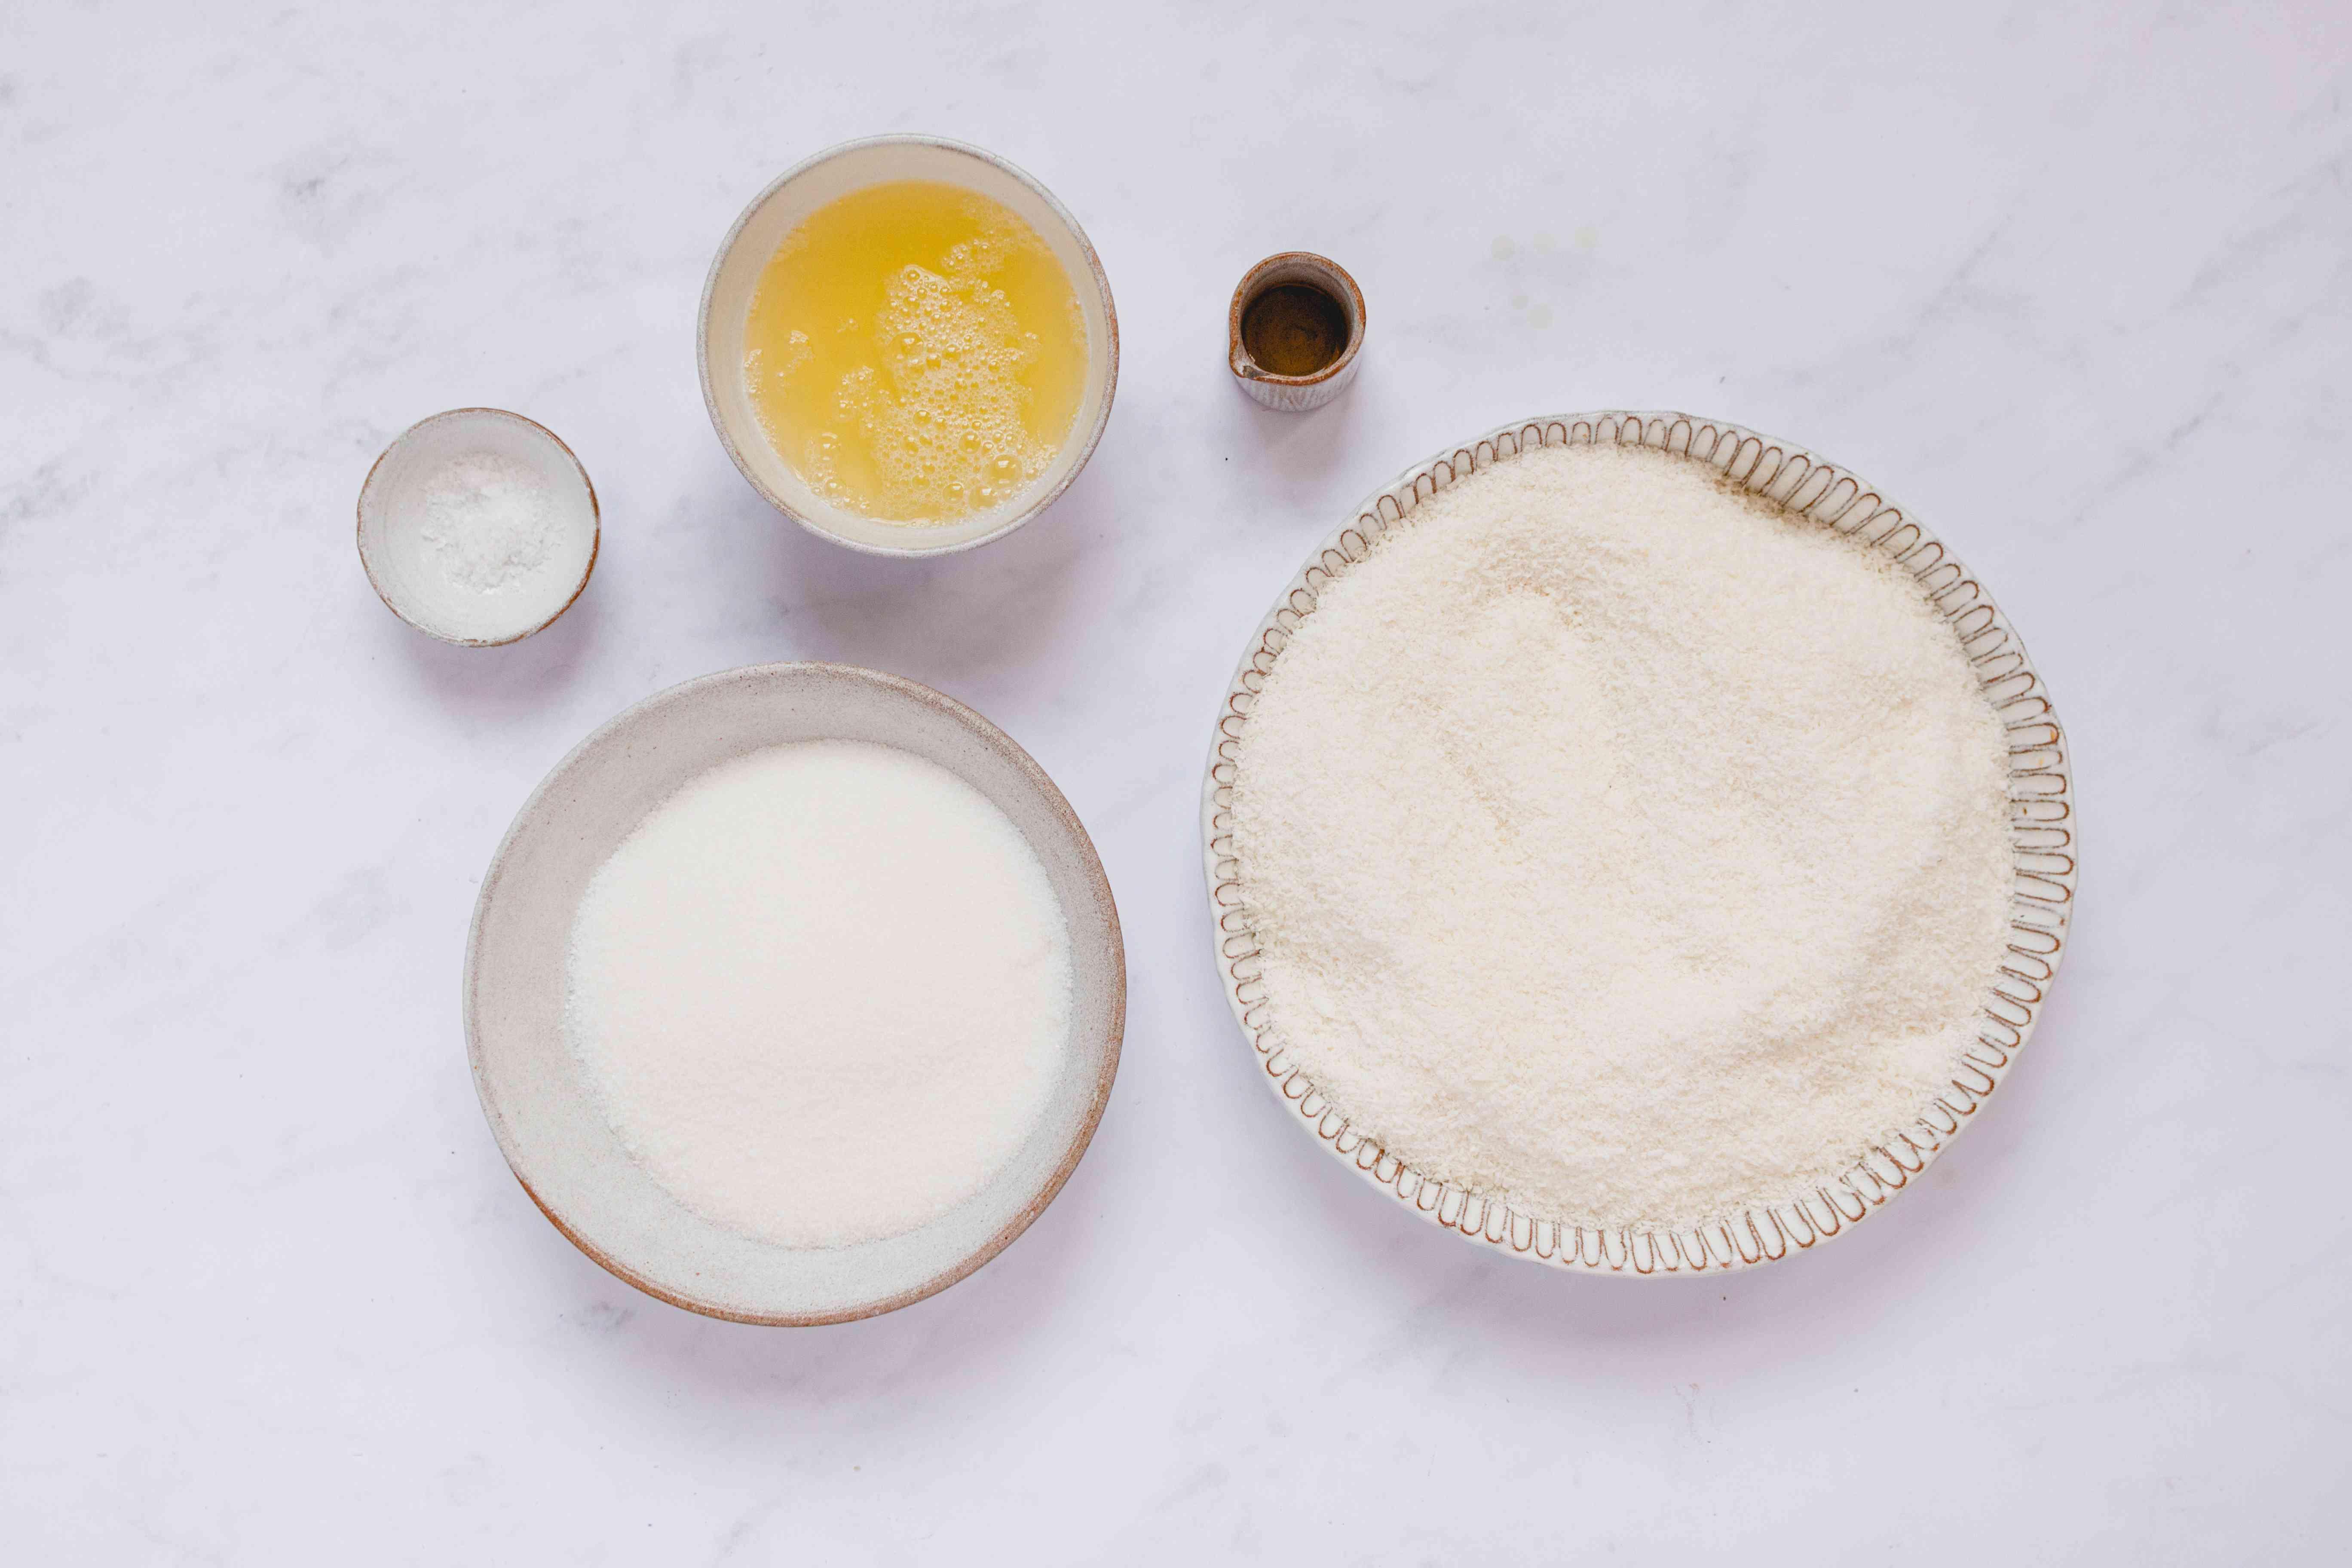 Dairy-Free Coconut Macaroon Cookies ingredients